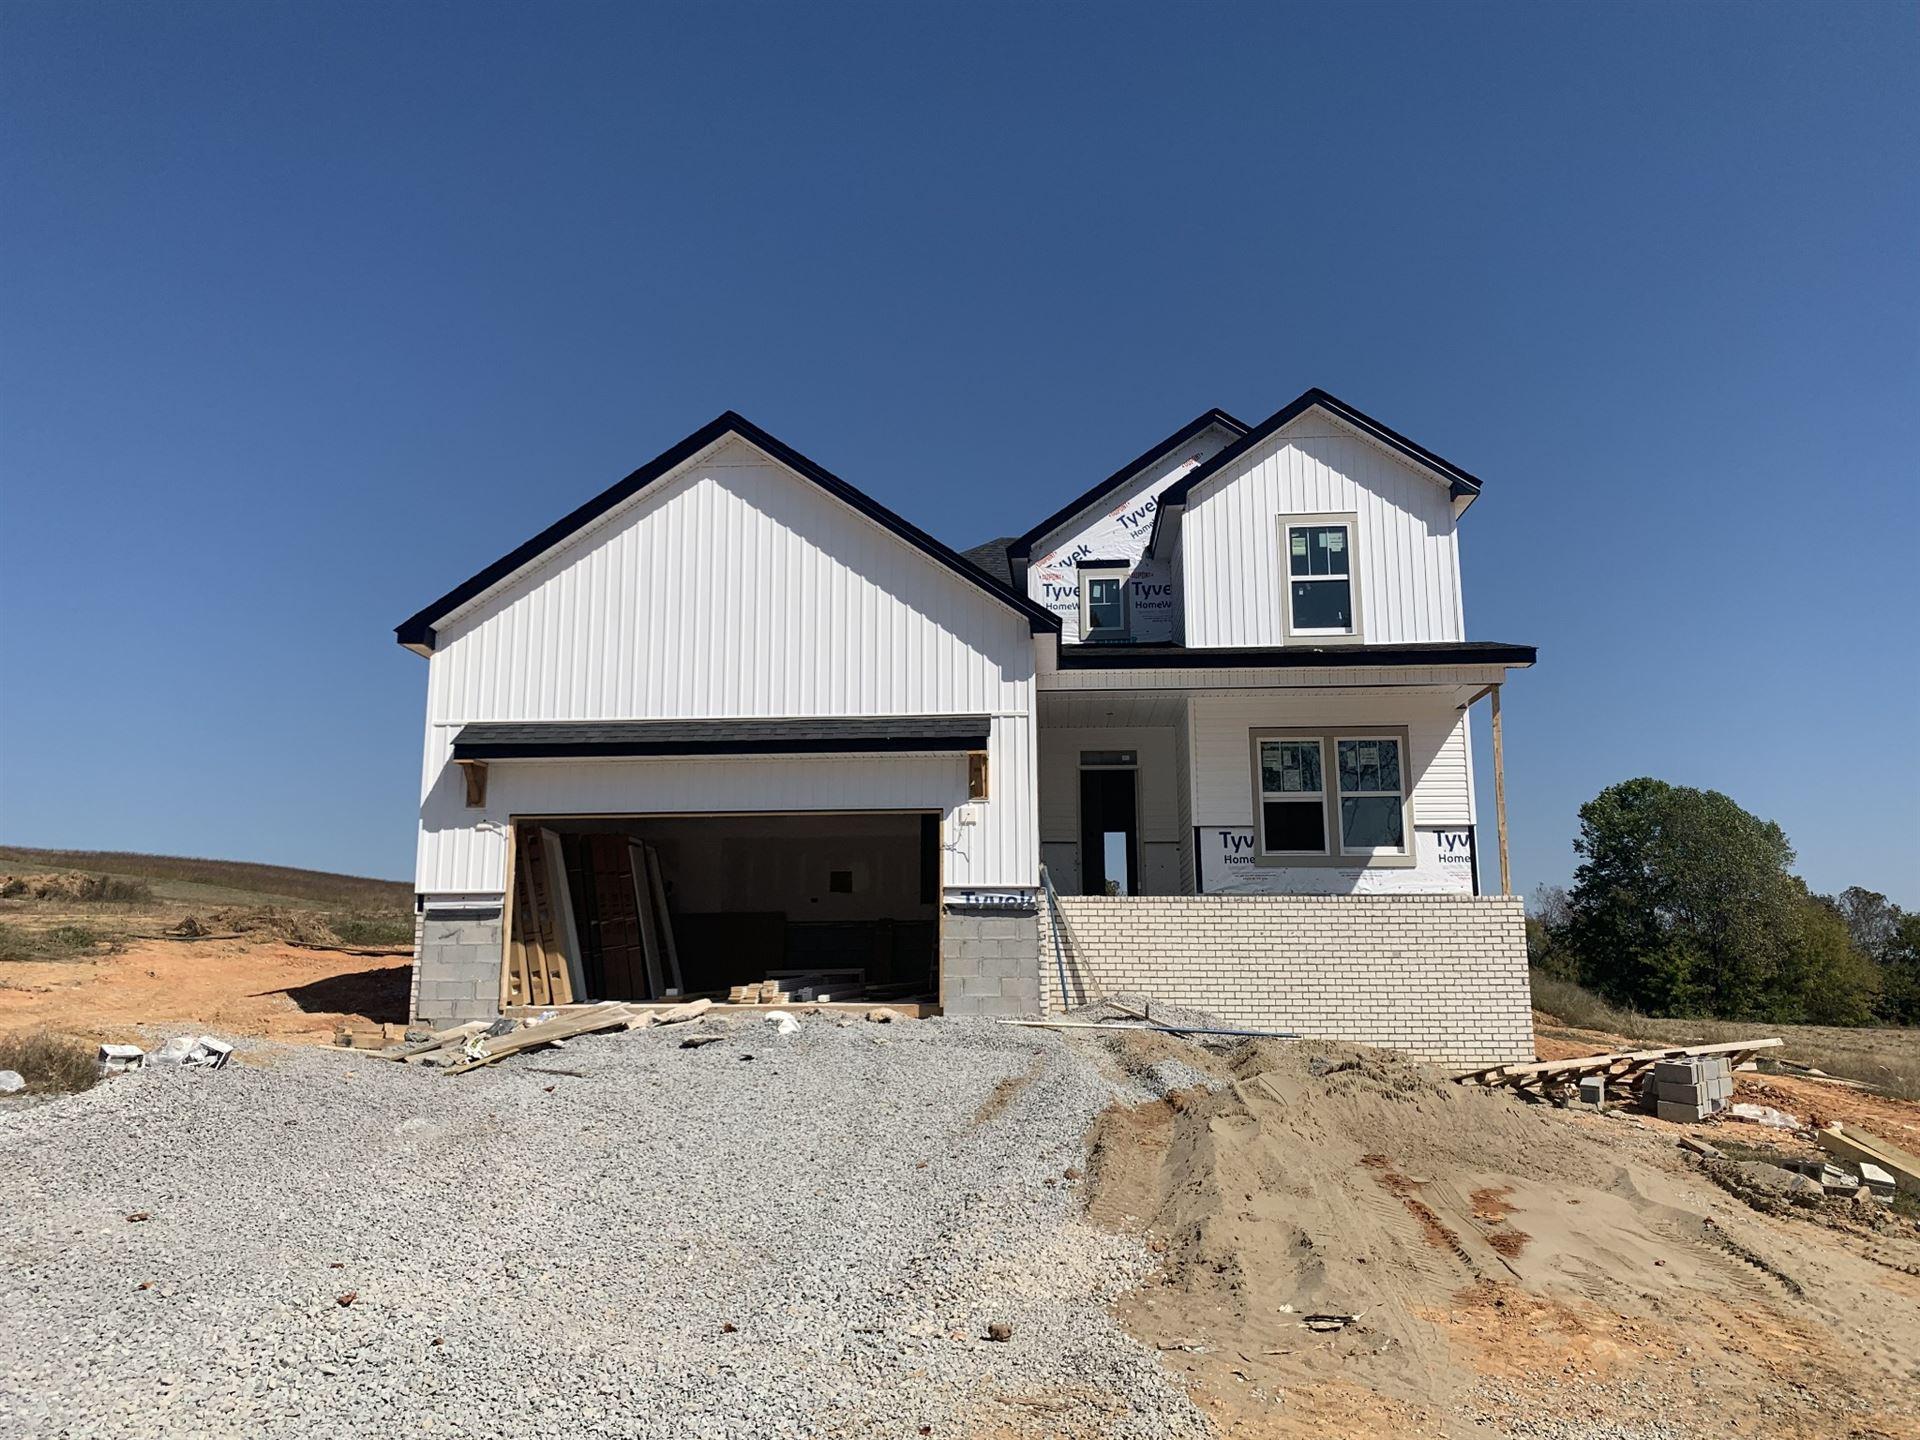 4139 Liverworth Rd, Clarksville, TN 37040 - MLS#: 2185560